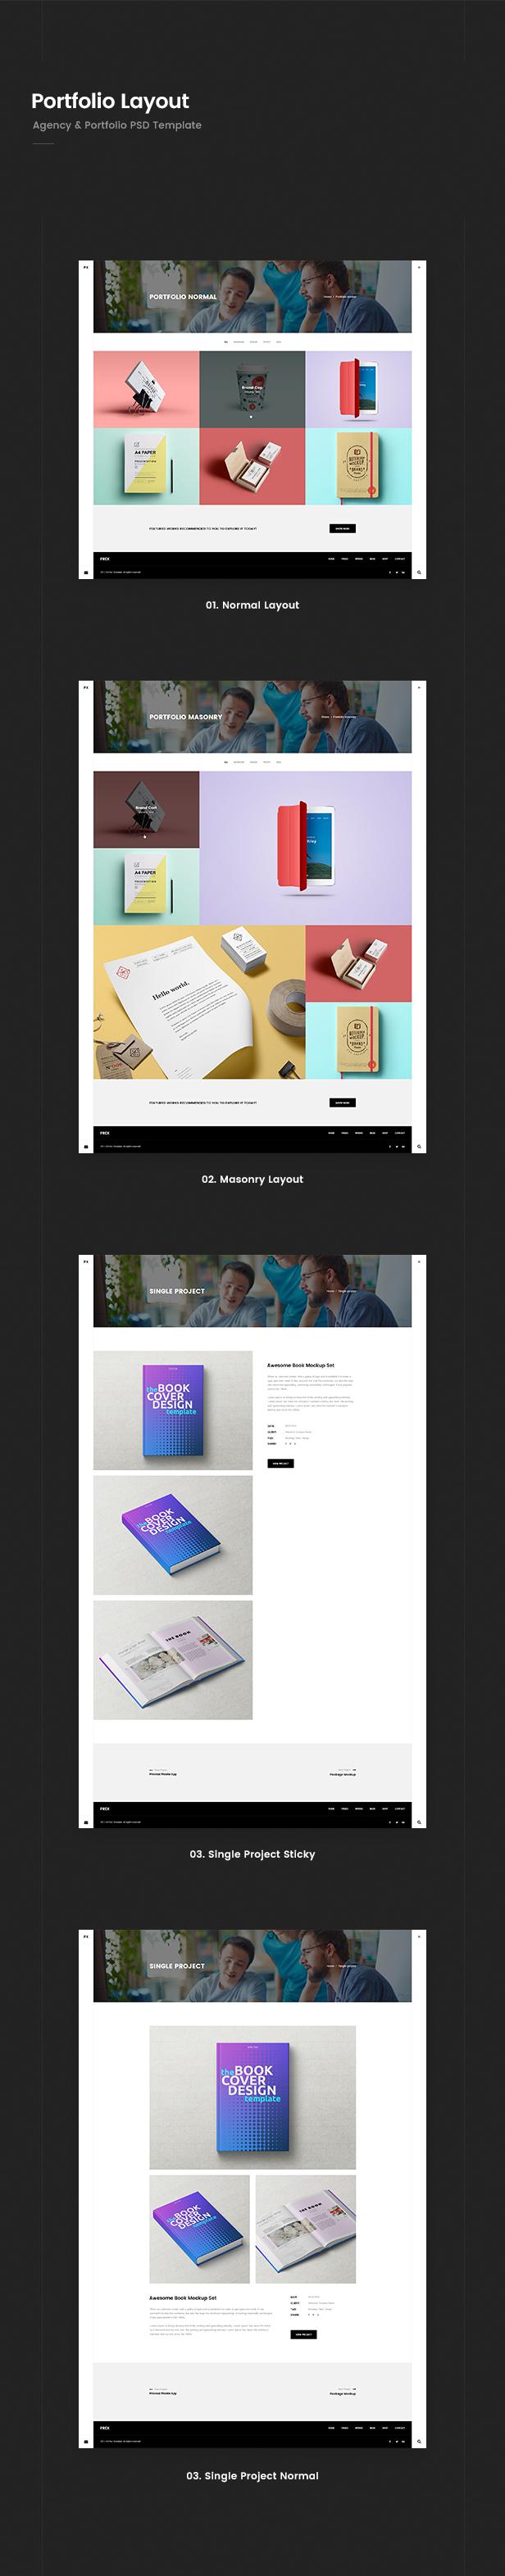 Prex   Creative Agency & Portfolio PSD Template - 2